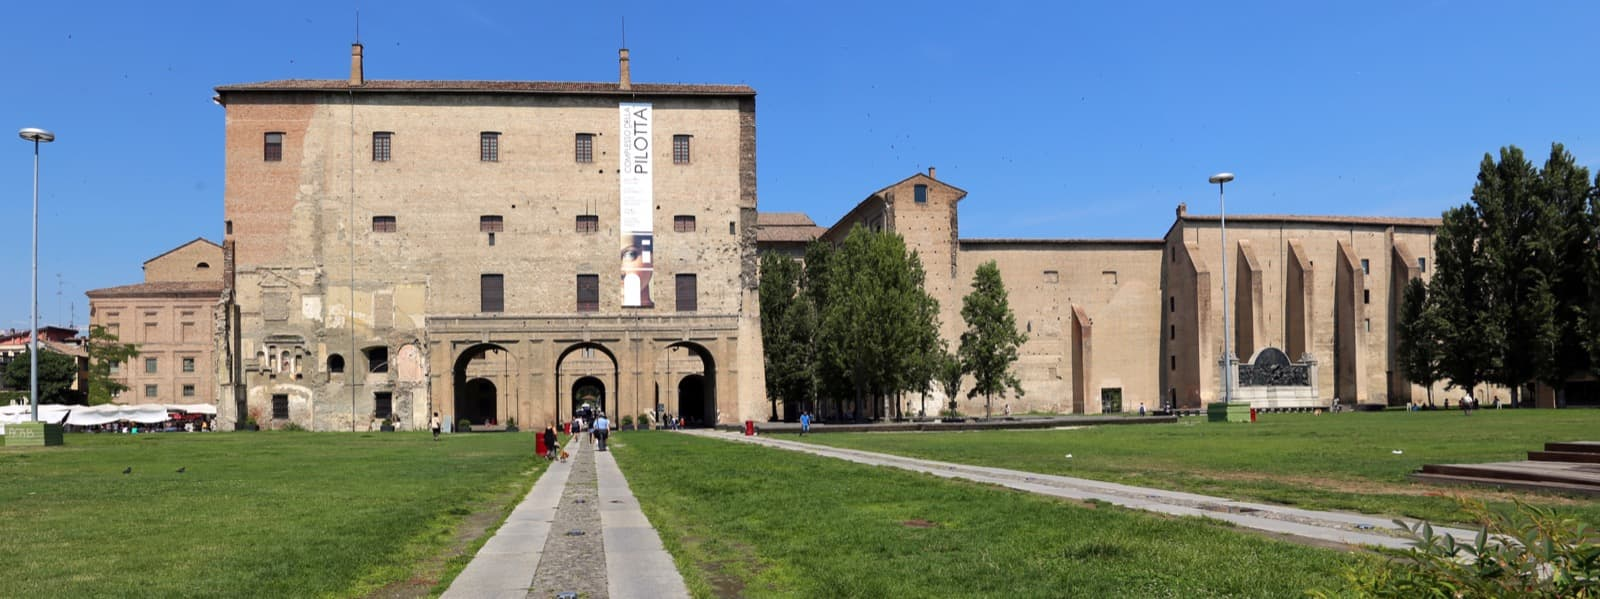 [ParlamiditER] Parma in un giorno